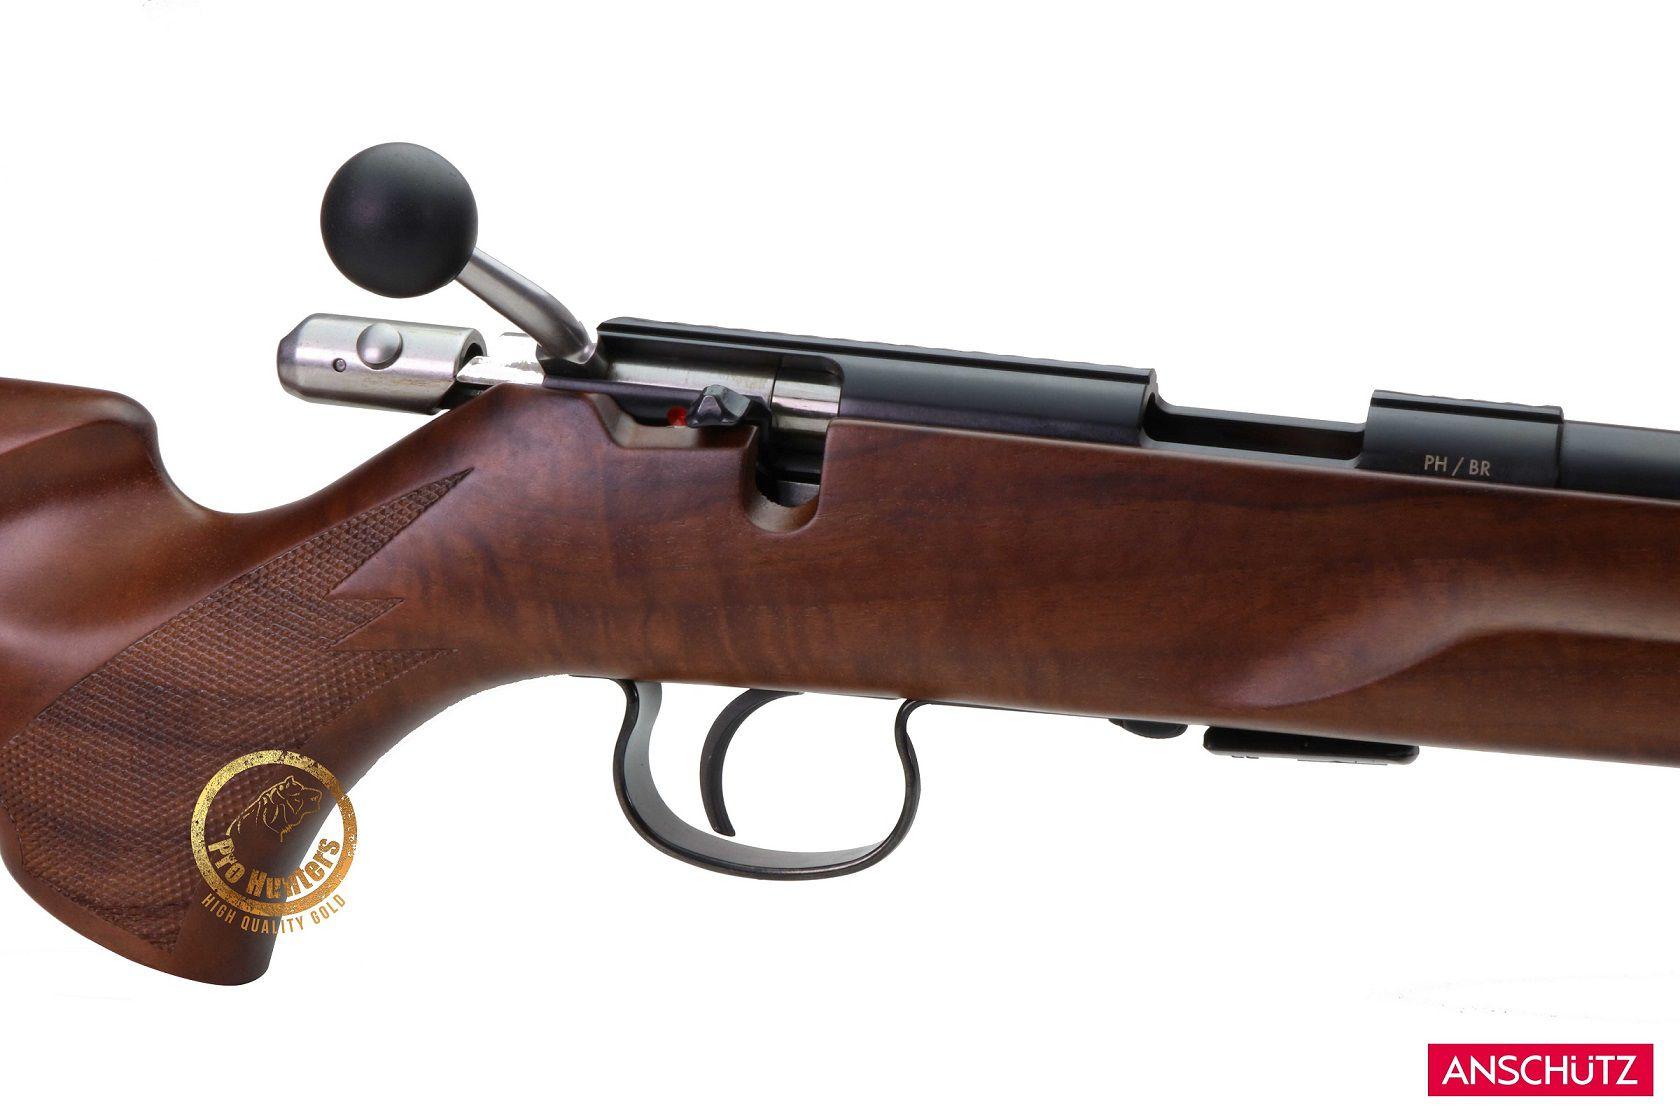 Rifle Anschutz 1416 D HB Beavertail - Calibre .22 LR